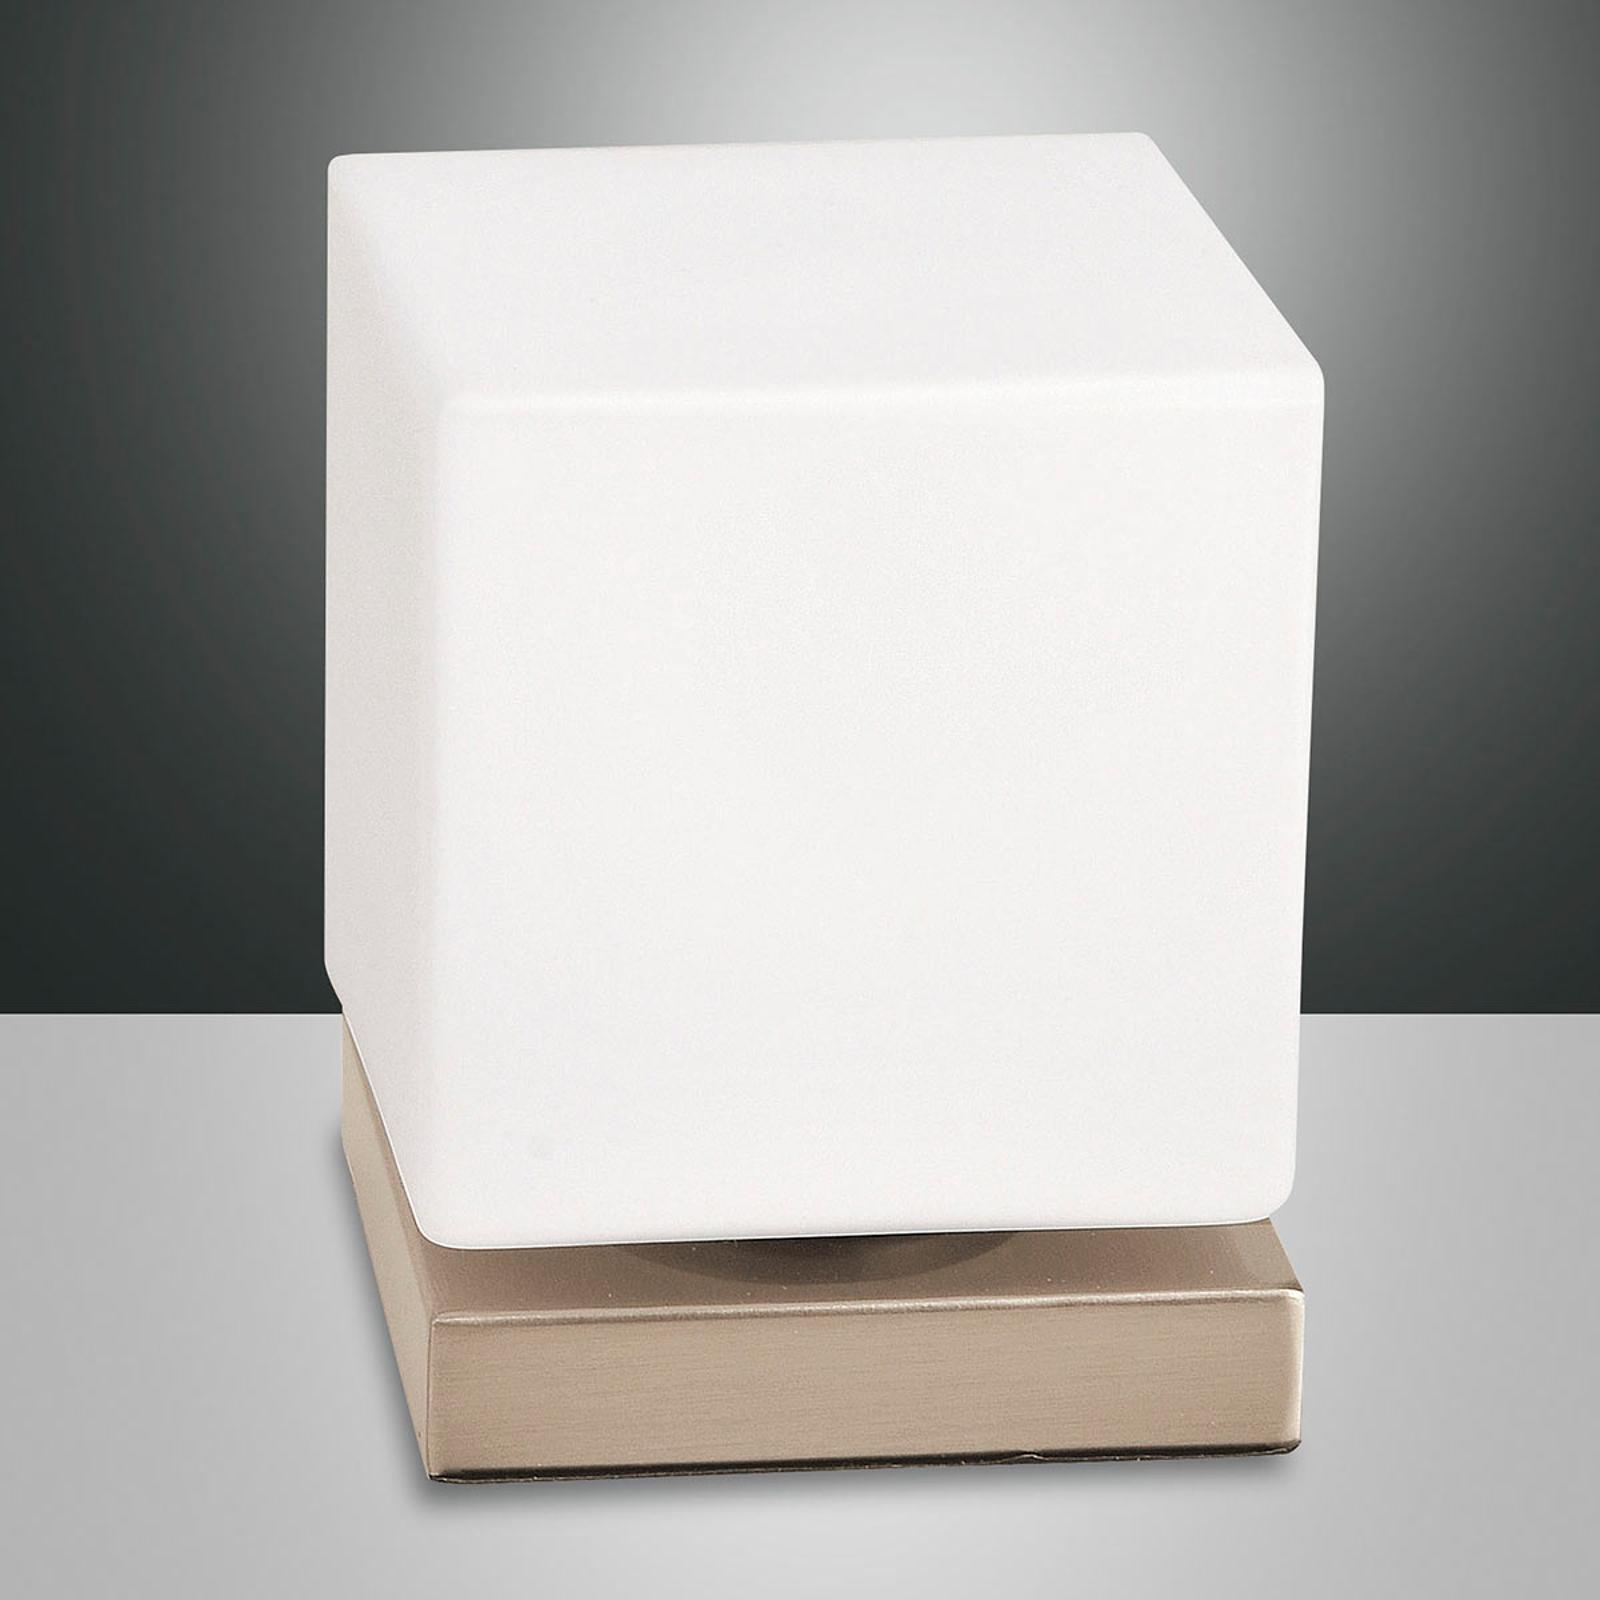 Met aanraakdimmer - LED tafellamp Brenta goud